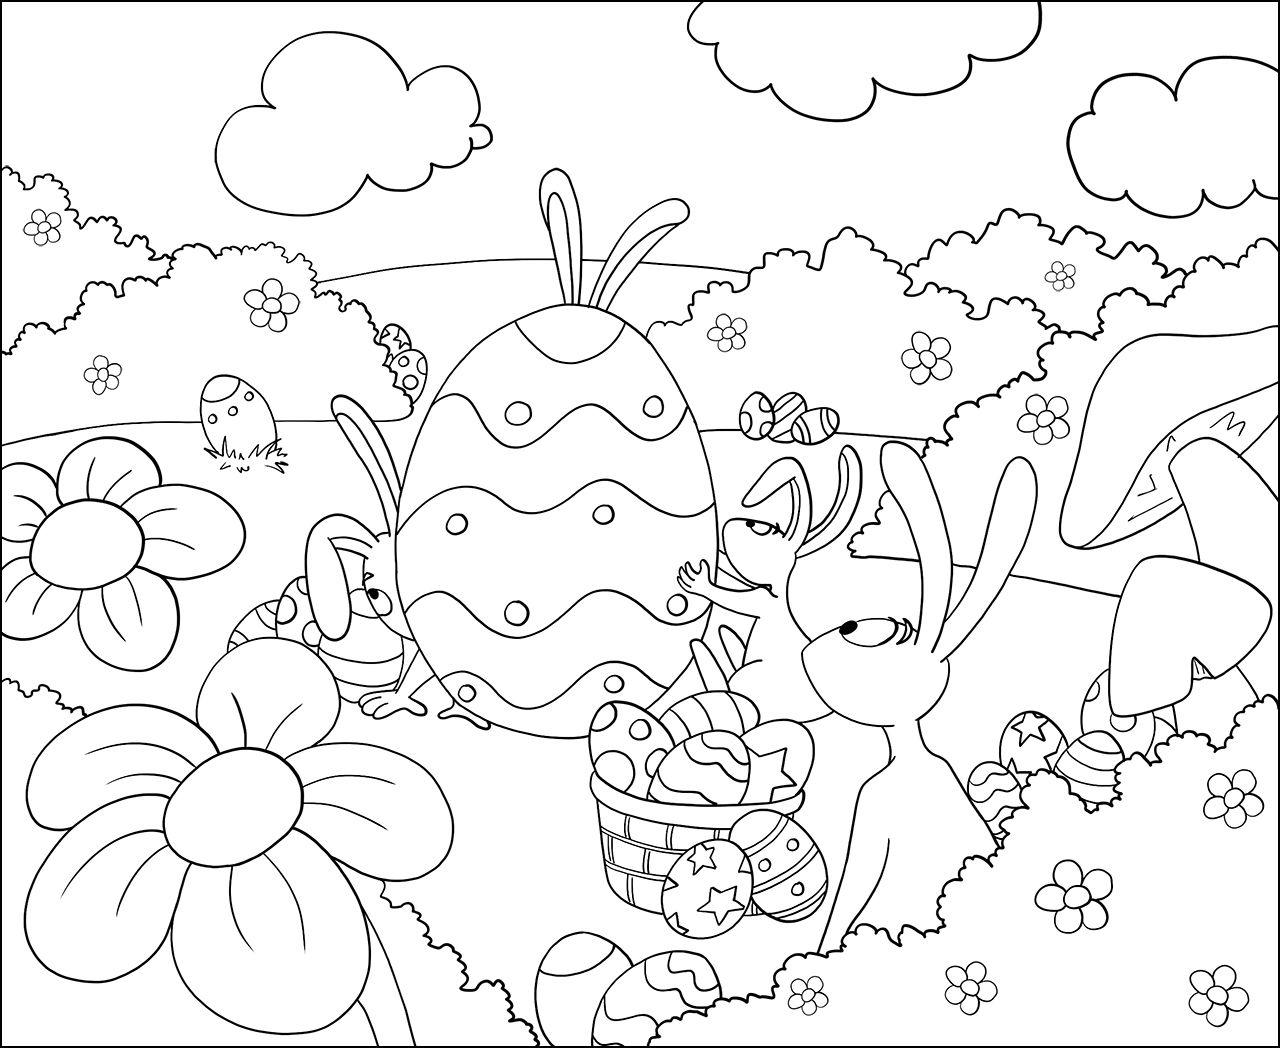 coloriage pques colorier dessin imprimer